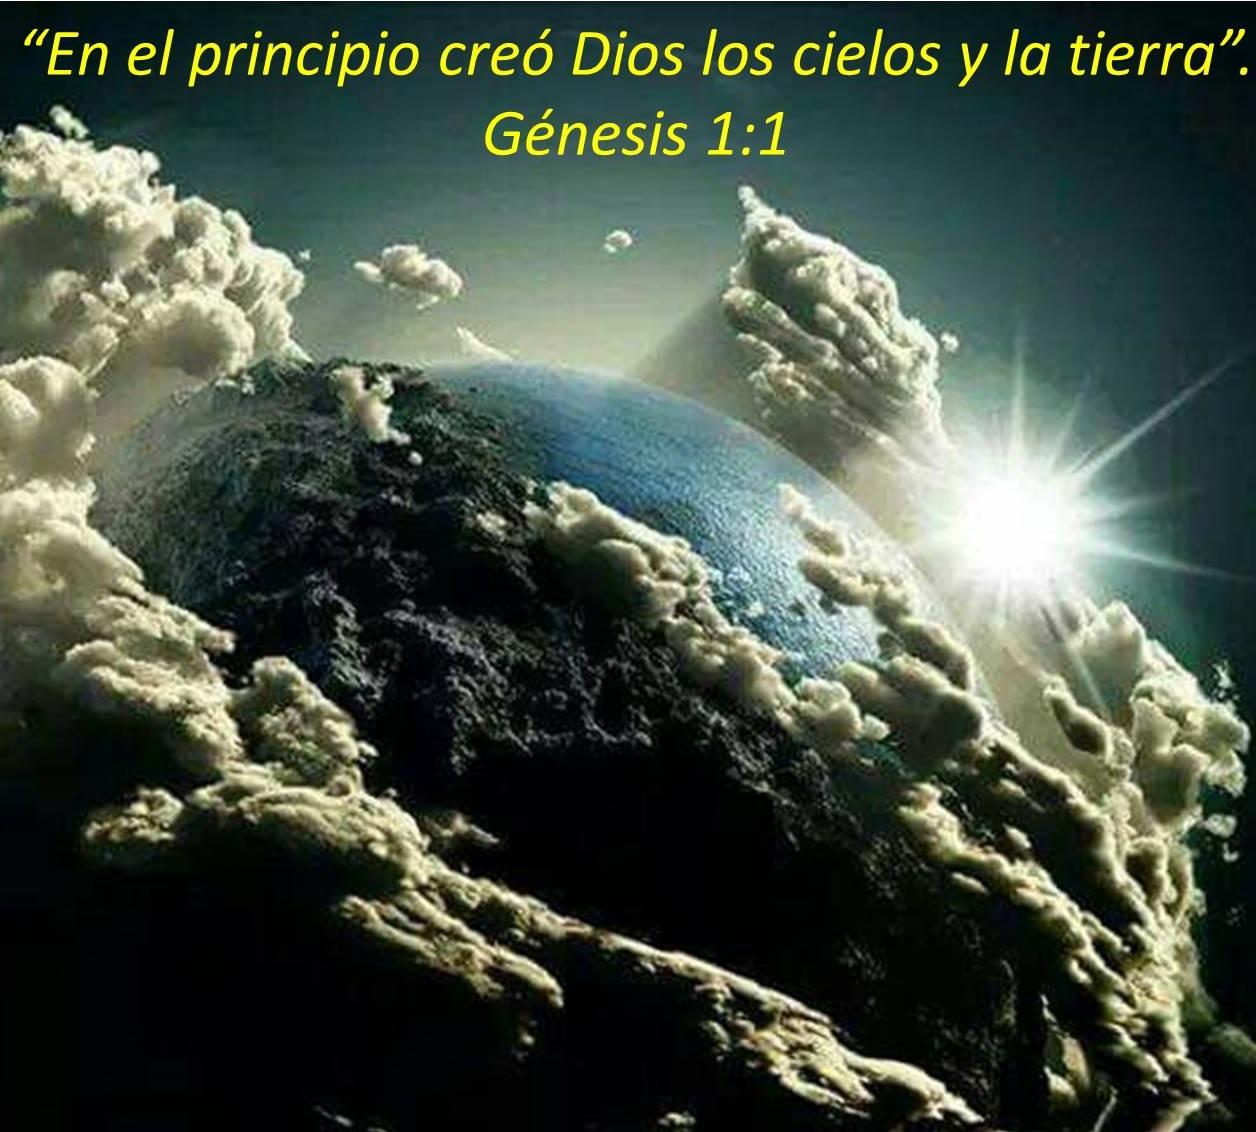 La historia de la creaci n g nesis 1 2 mundo b blico for En 7 dias dios creo el mundo